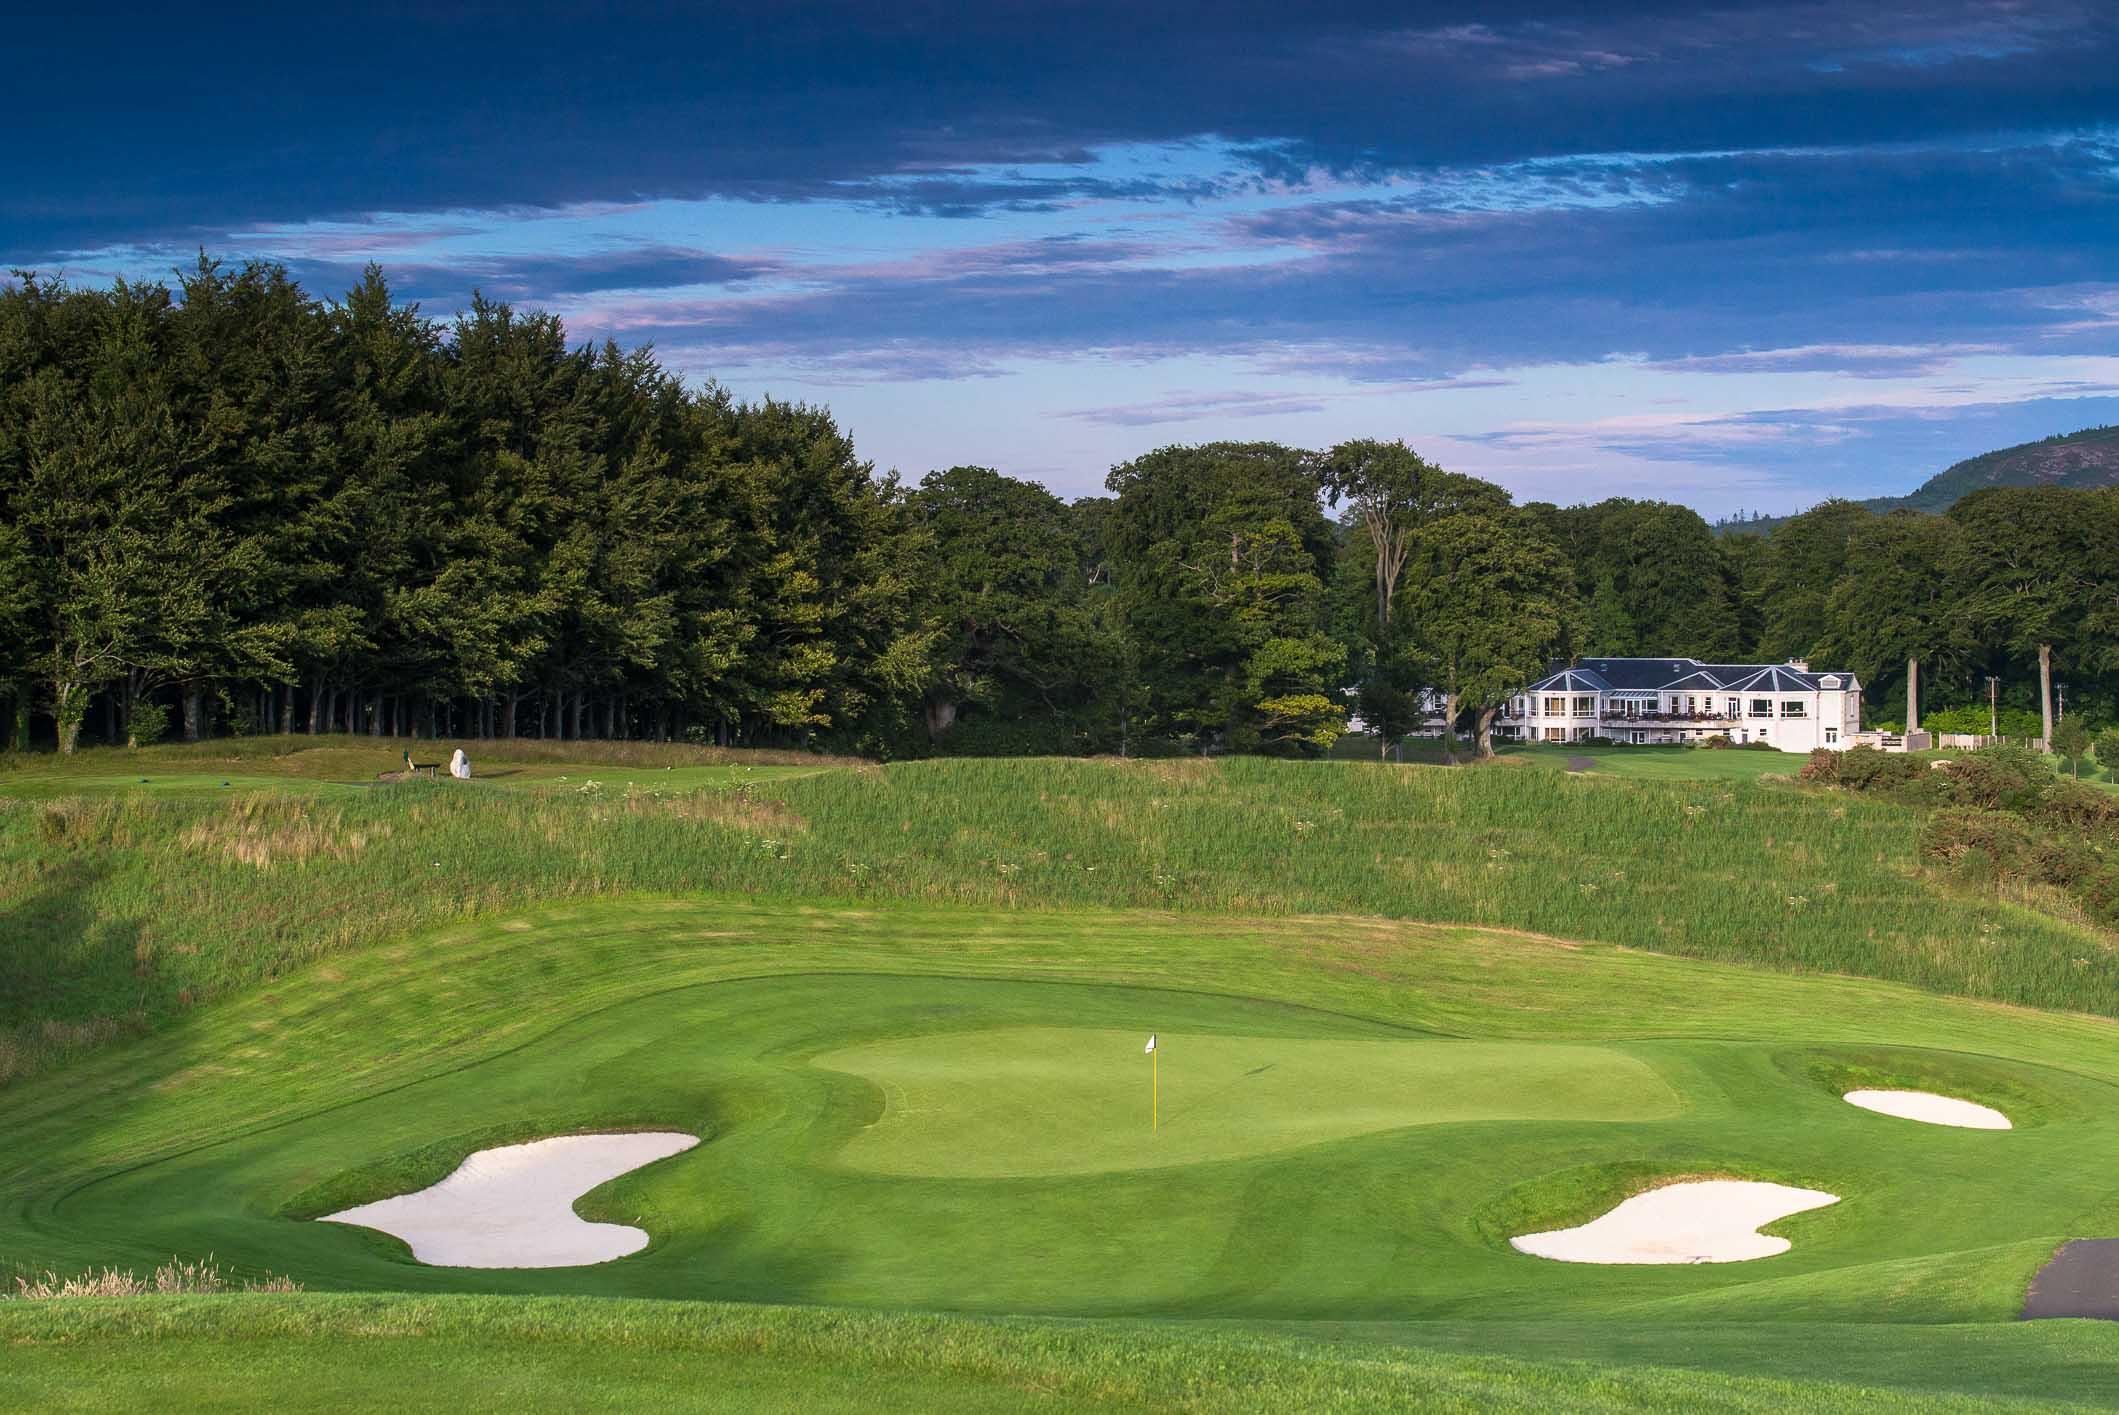 Powerscourt Golf Club Wicklow Ireland